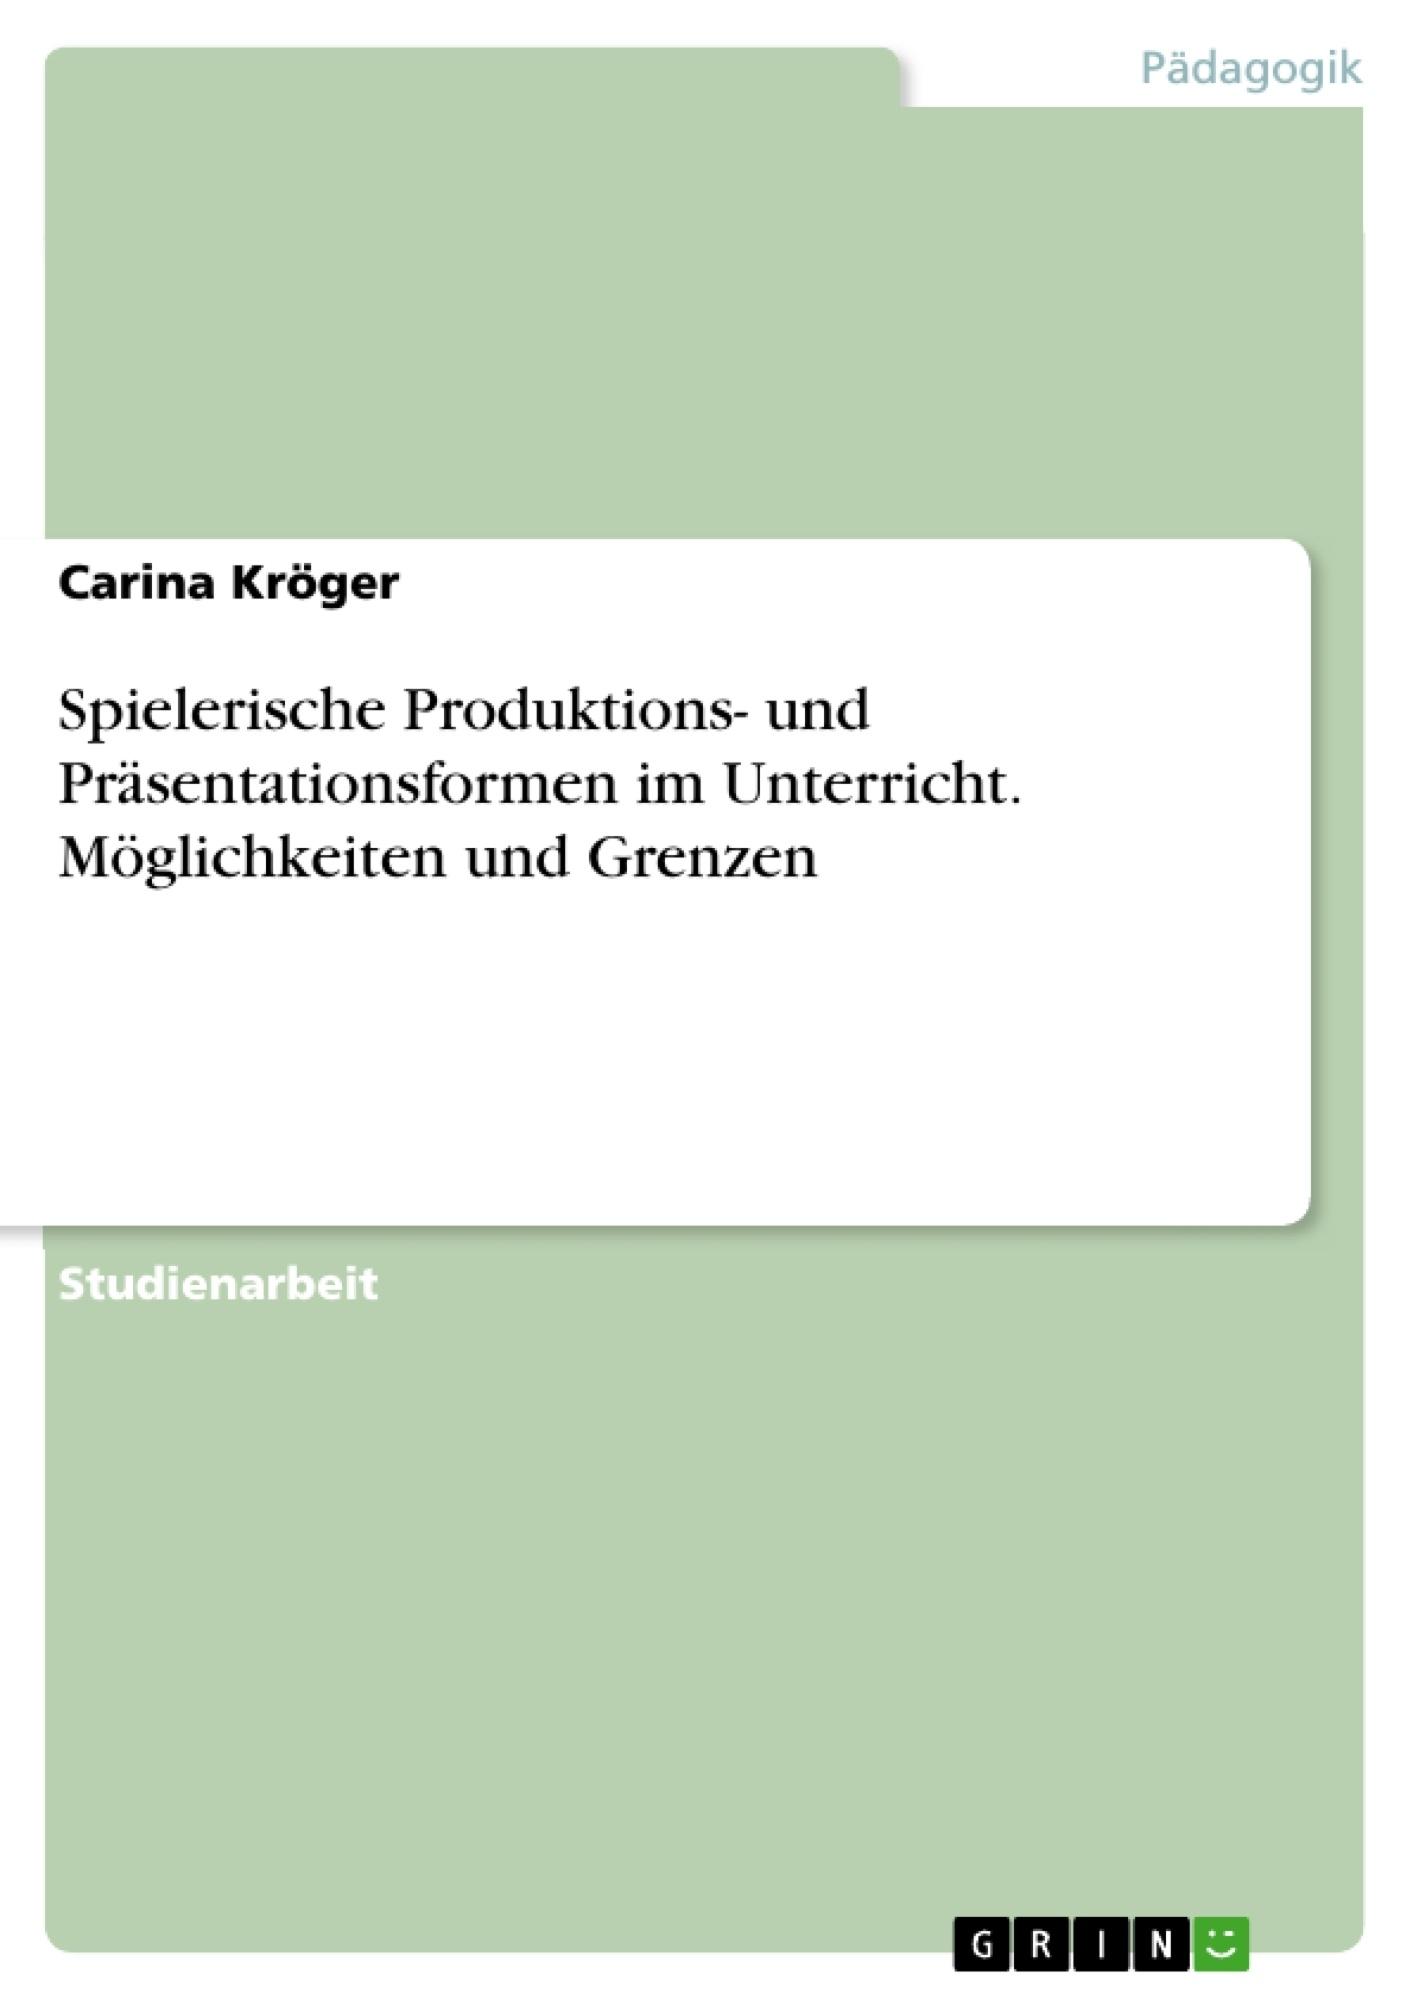 Titel: Spielerische Produktions- und Präsentationsformen im Unterricht. Möglichkeiten und Grenzen